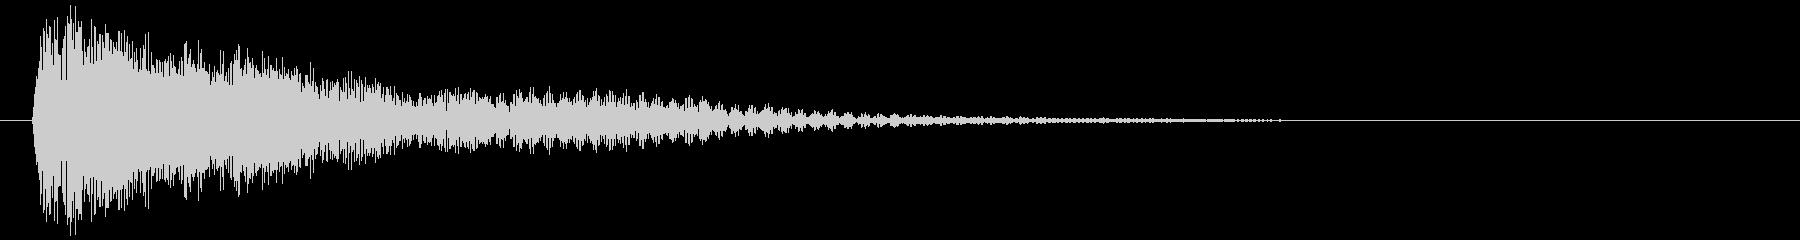 映画告知音94 ドーンの未再生の波形